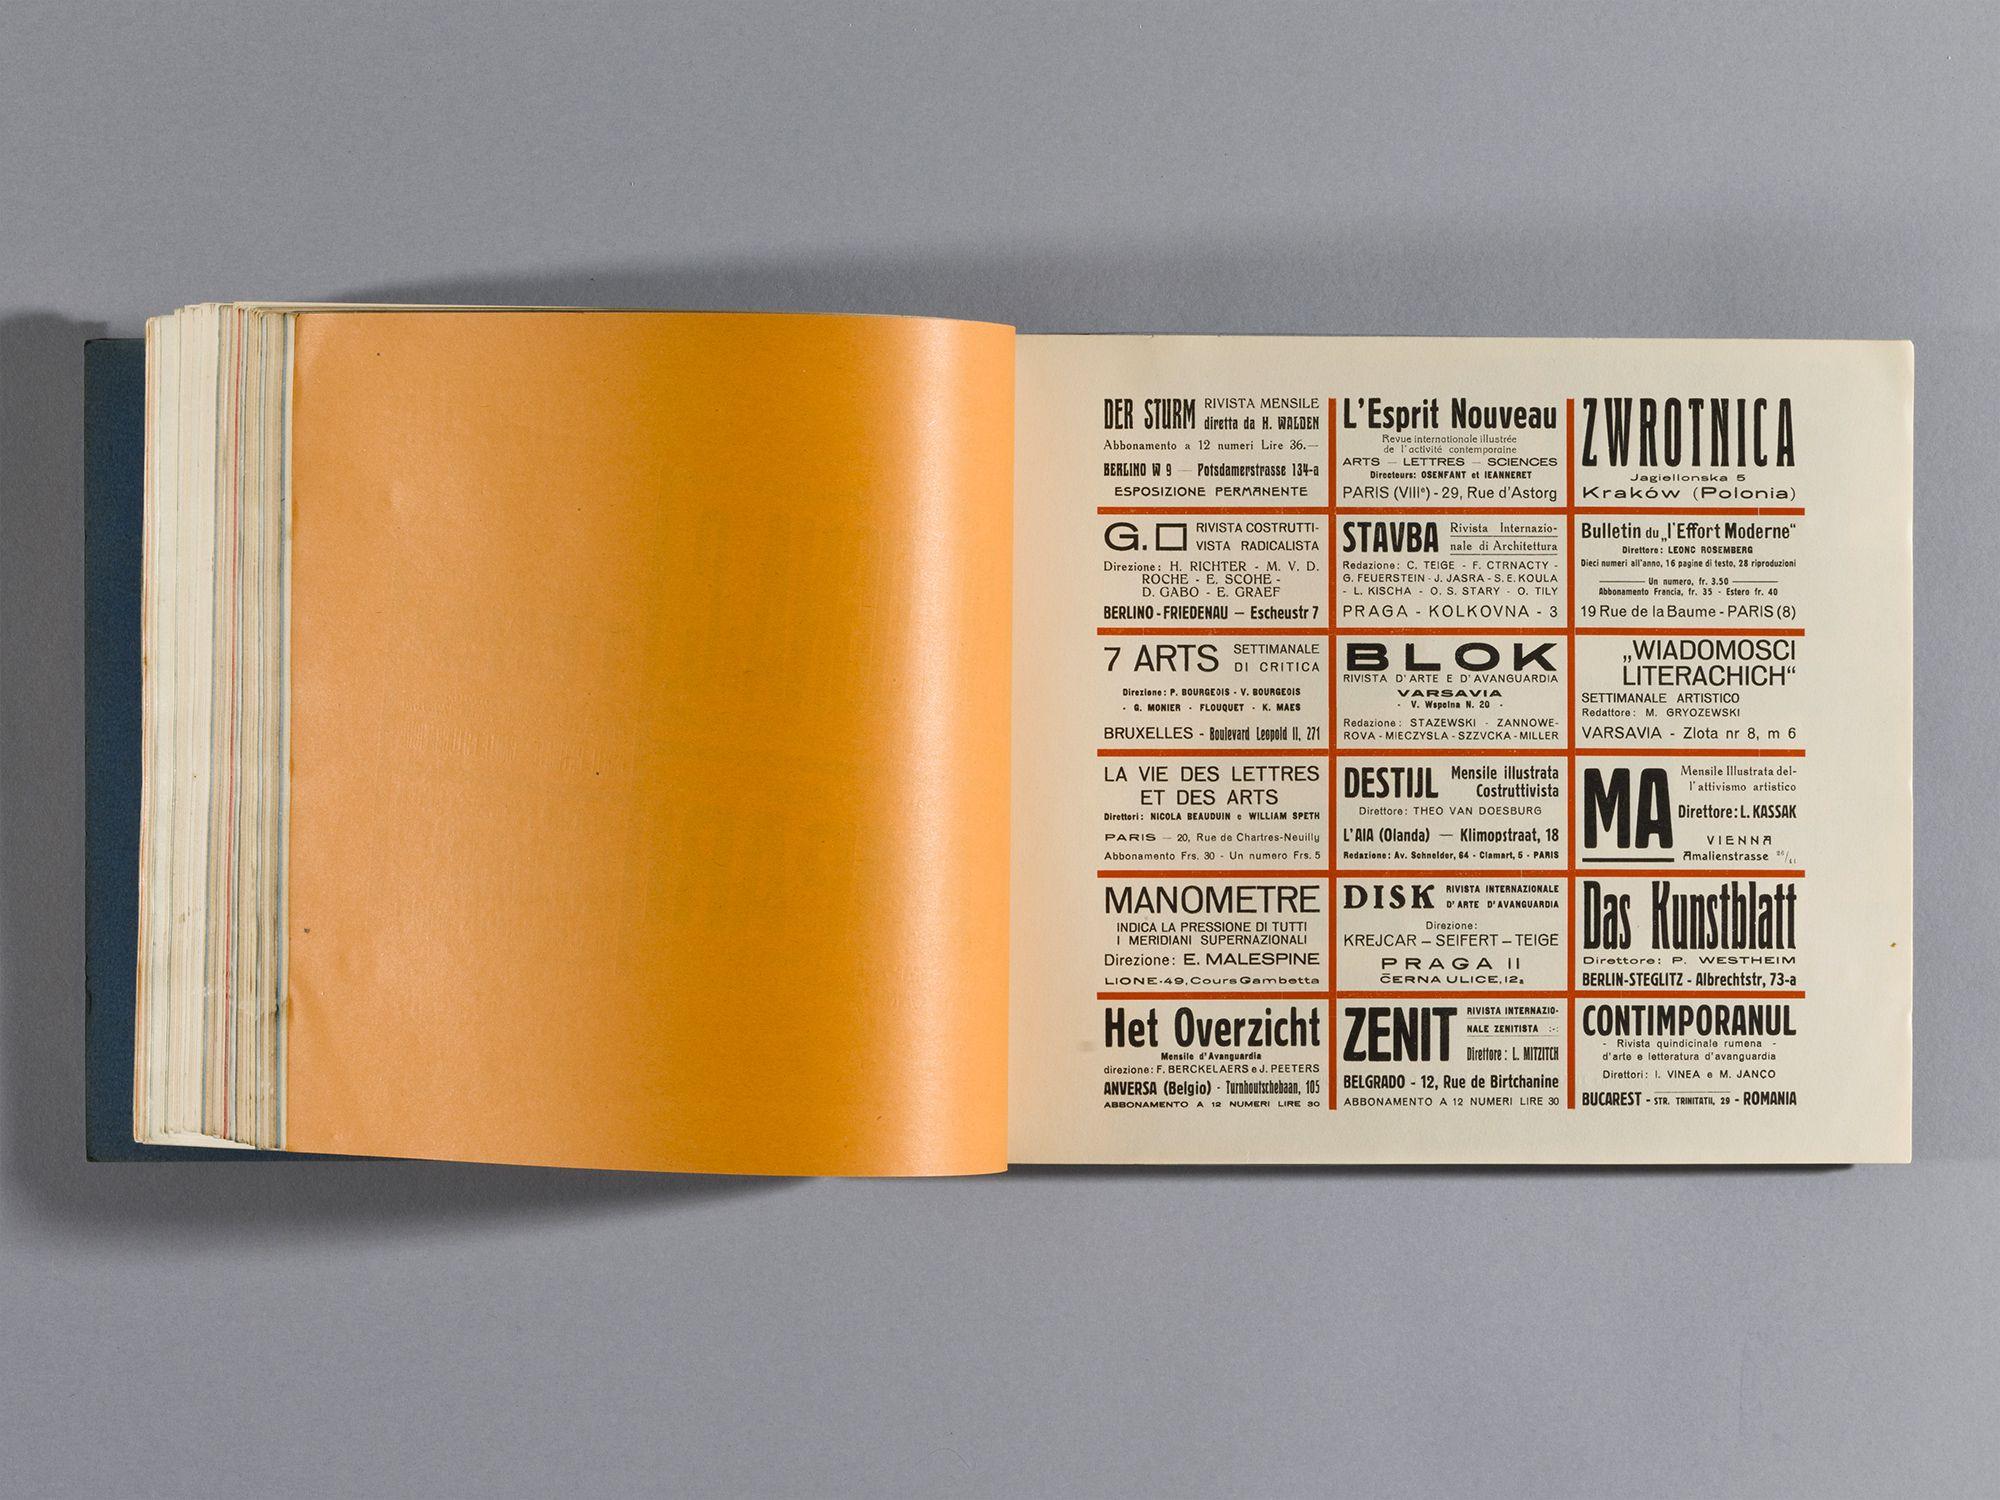 Depero Futurista - The Bolted Book - a New Facsimile -